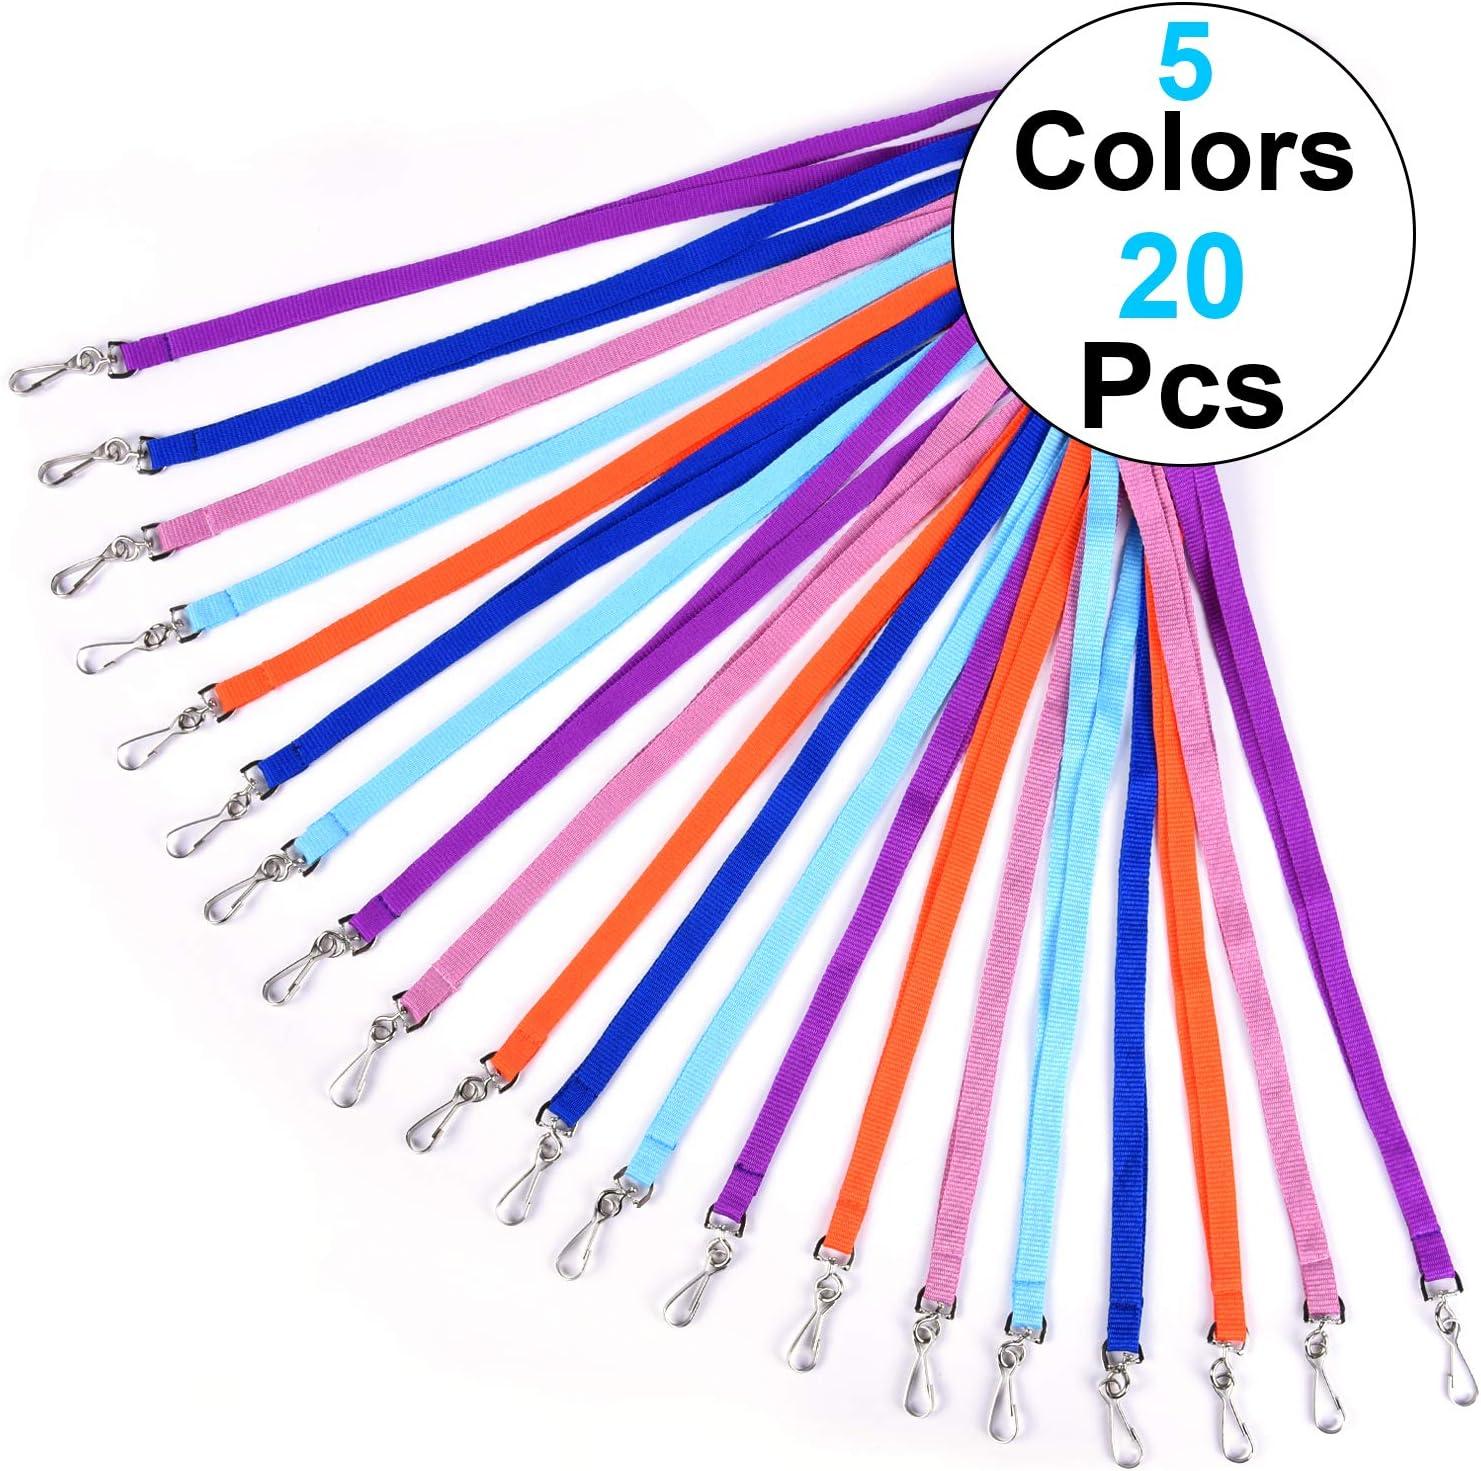 45 cm colorati colore blu scuro con gancio a J resistente per targhetta identificativa viola Wisdompro Confezione da 20 cordini da collo azzurro rosa arancione